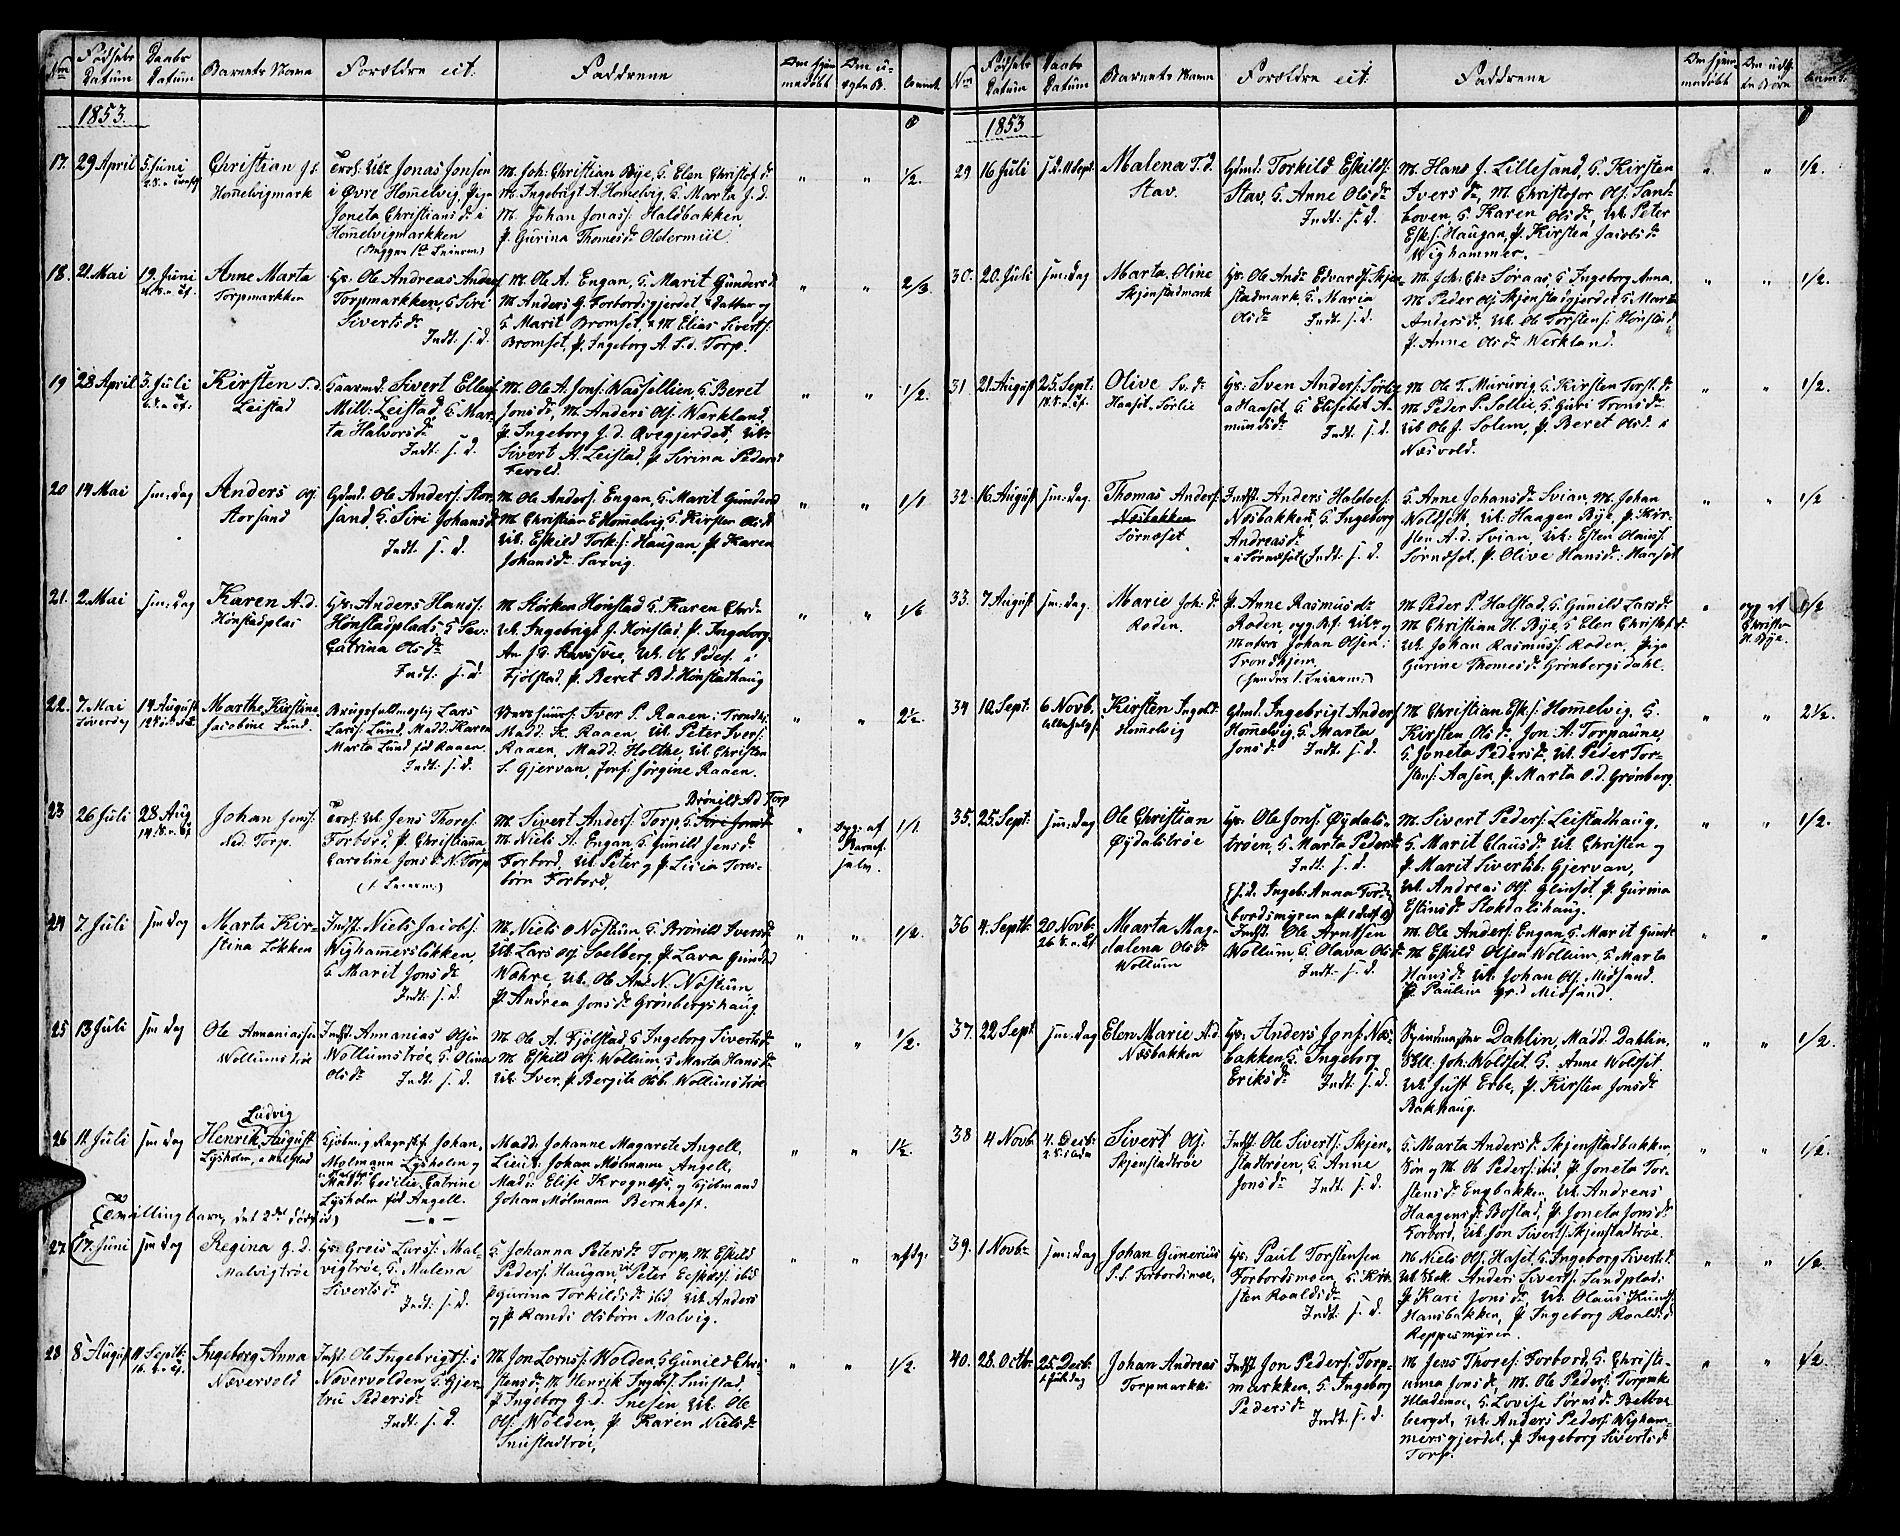 SAT, Ministerialprotokoller, klokkerbøker og fødselsregistre - Sør-Trøndelag, 616/L0422: Klokkerbok nr. 616C05, 1850-1888, s. 9